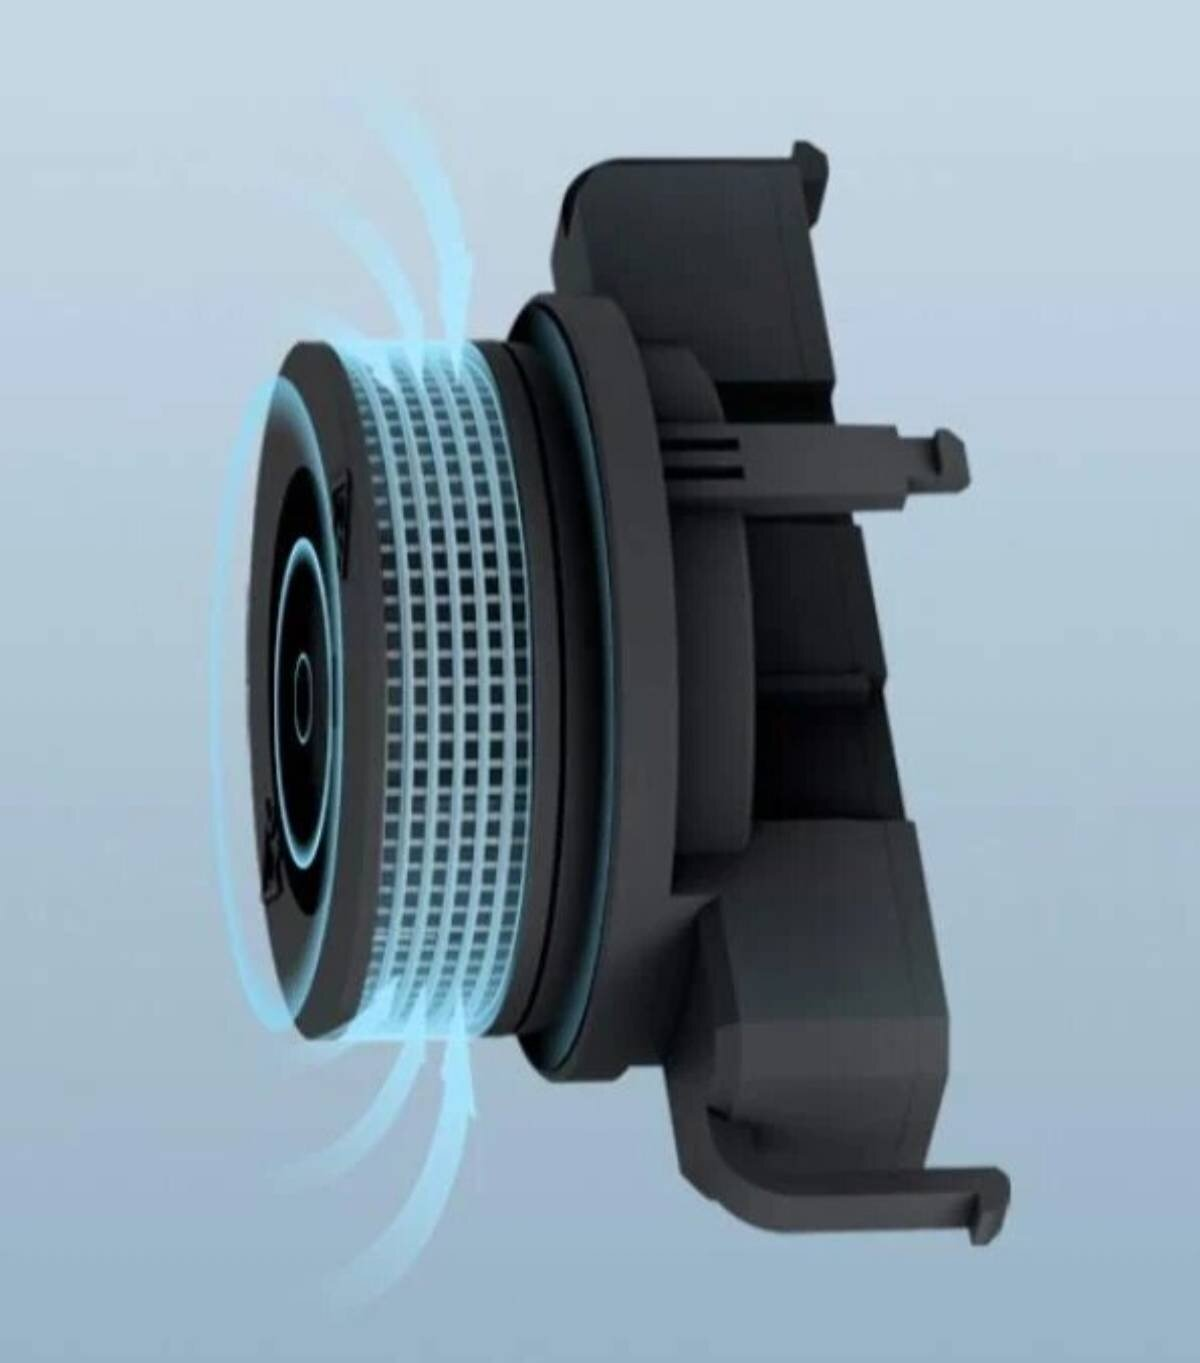 Le design intérieur du détecteur de fumée Xiaomi